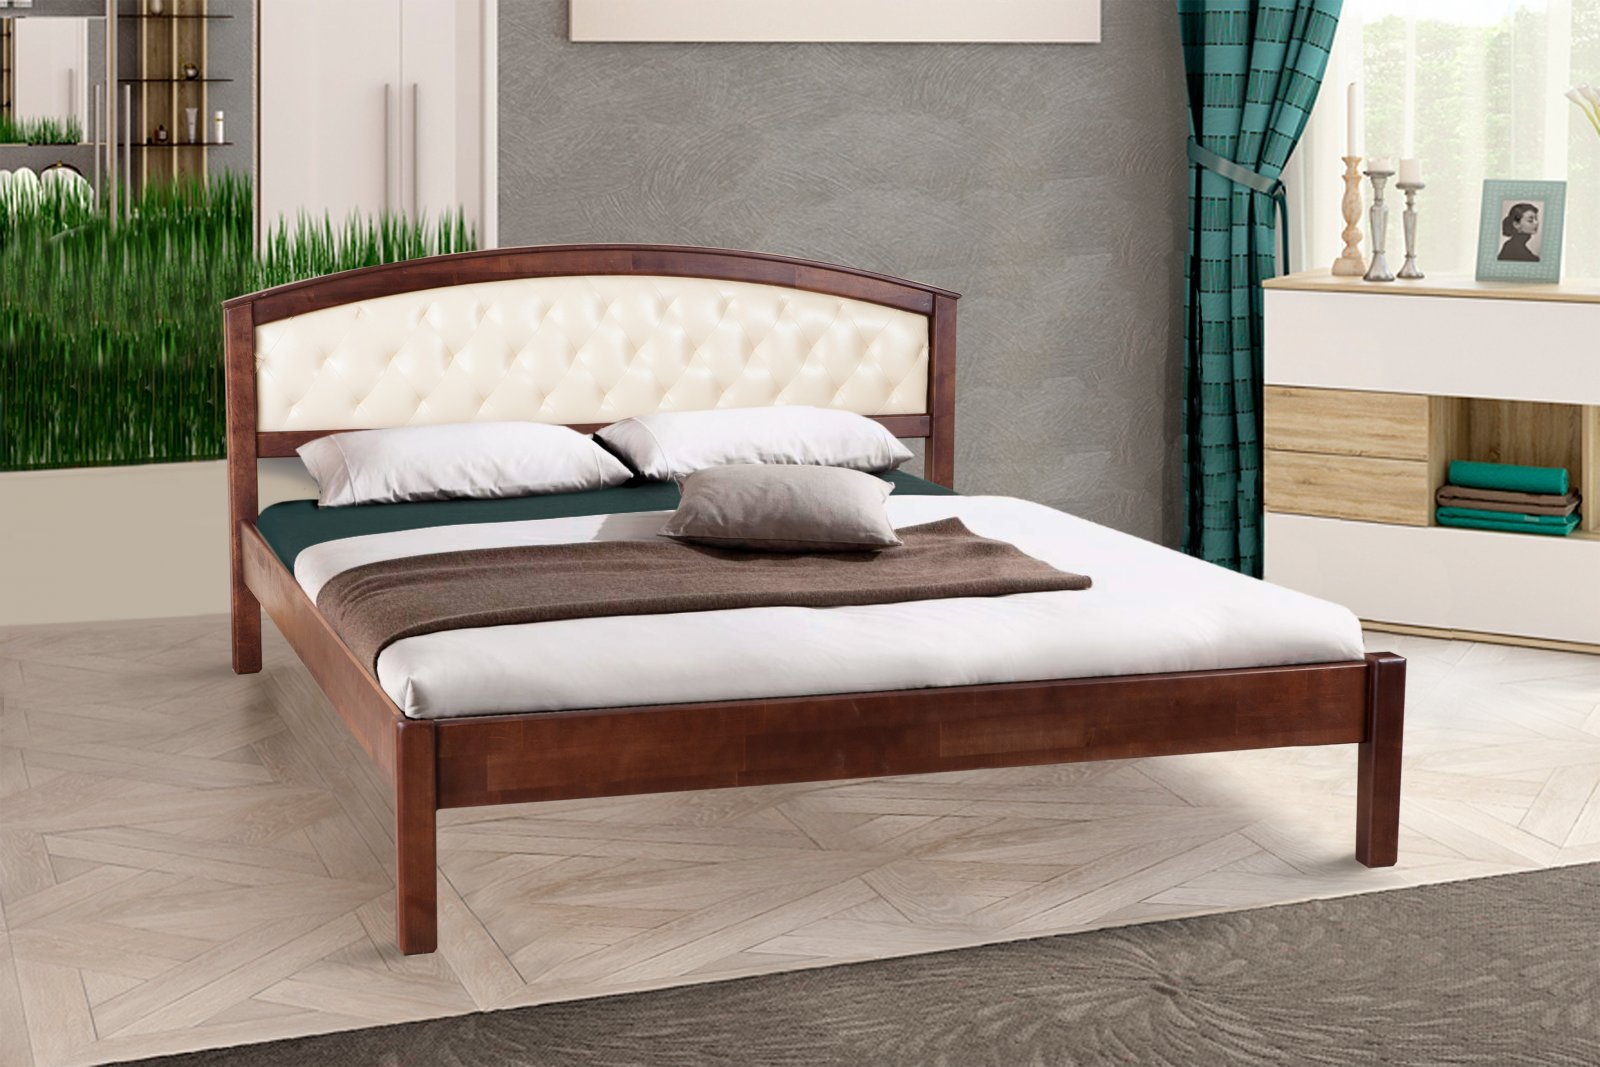 Фото - Кровать двуспальная Джульетта (магкая)